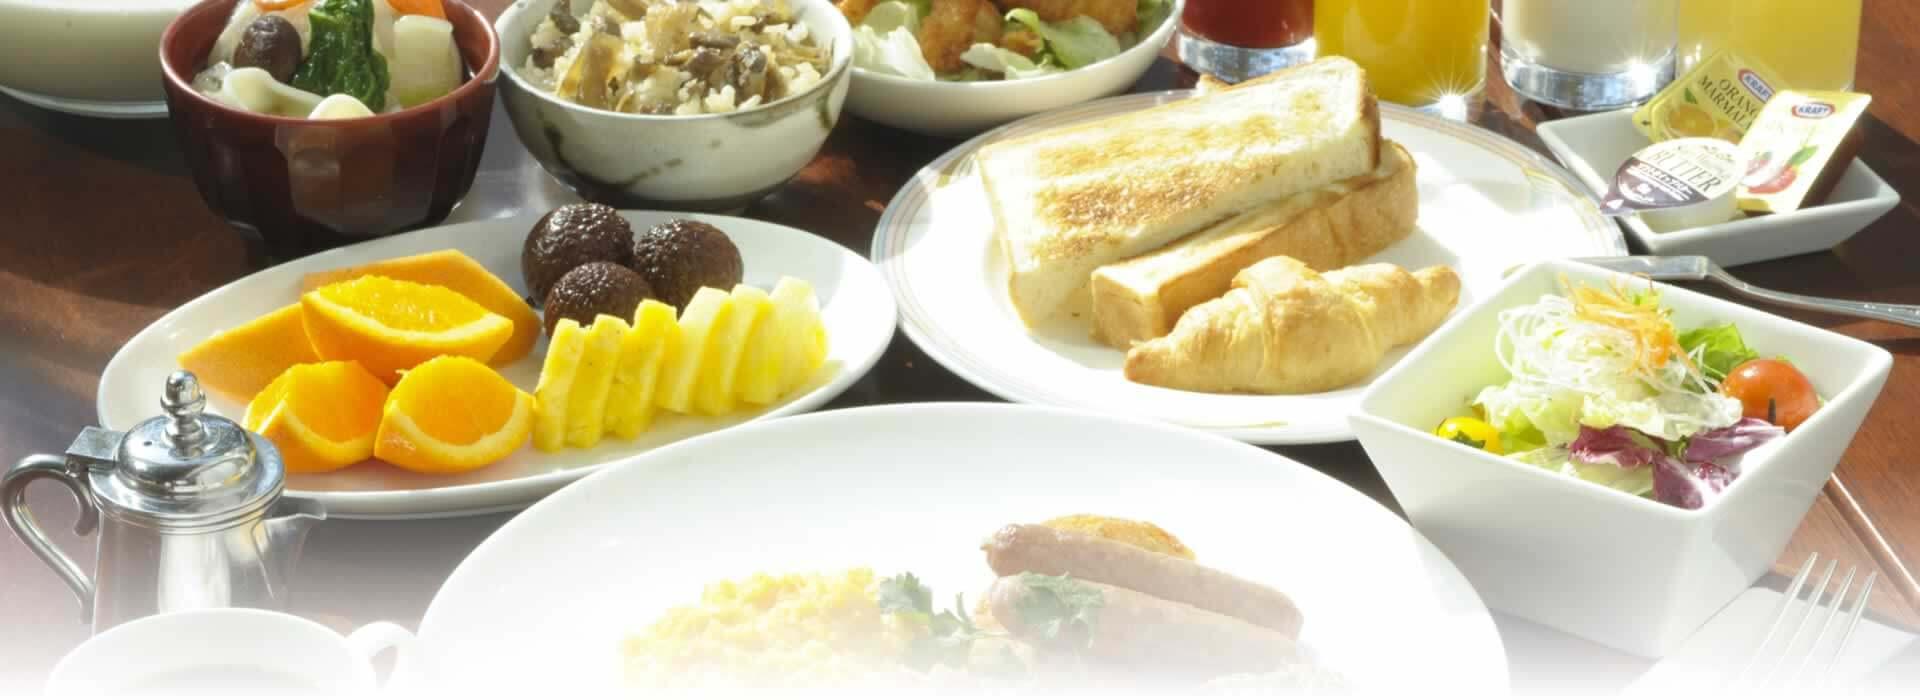 朝食|レンブラントホテル大分【公式】レンブラントグループホテル